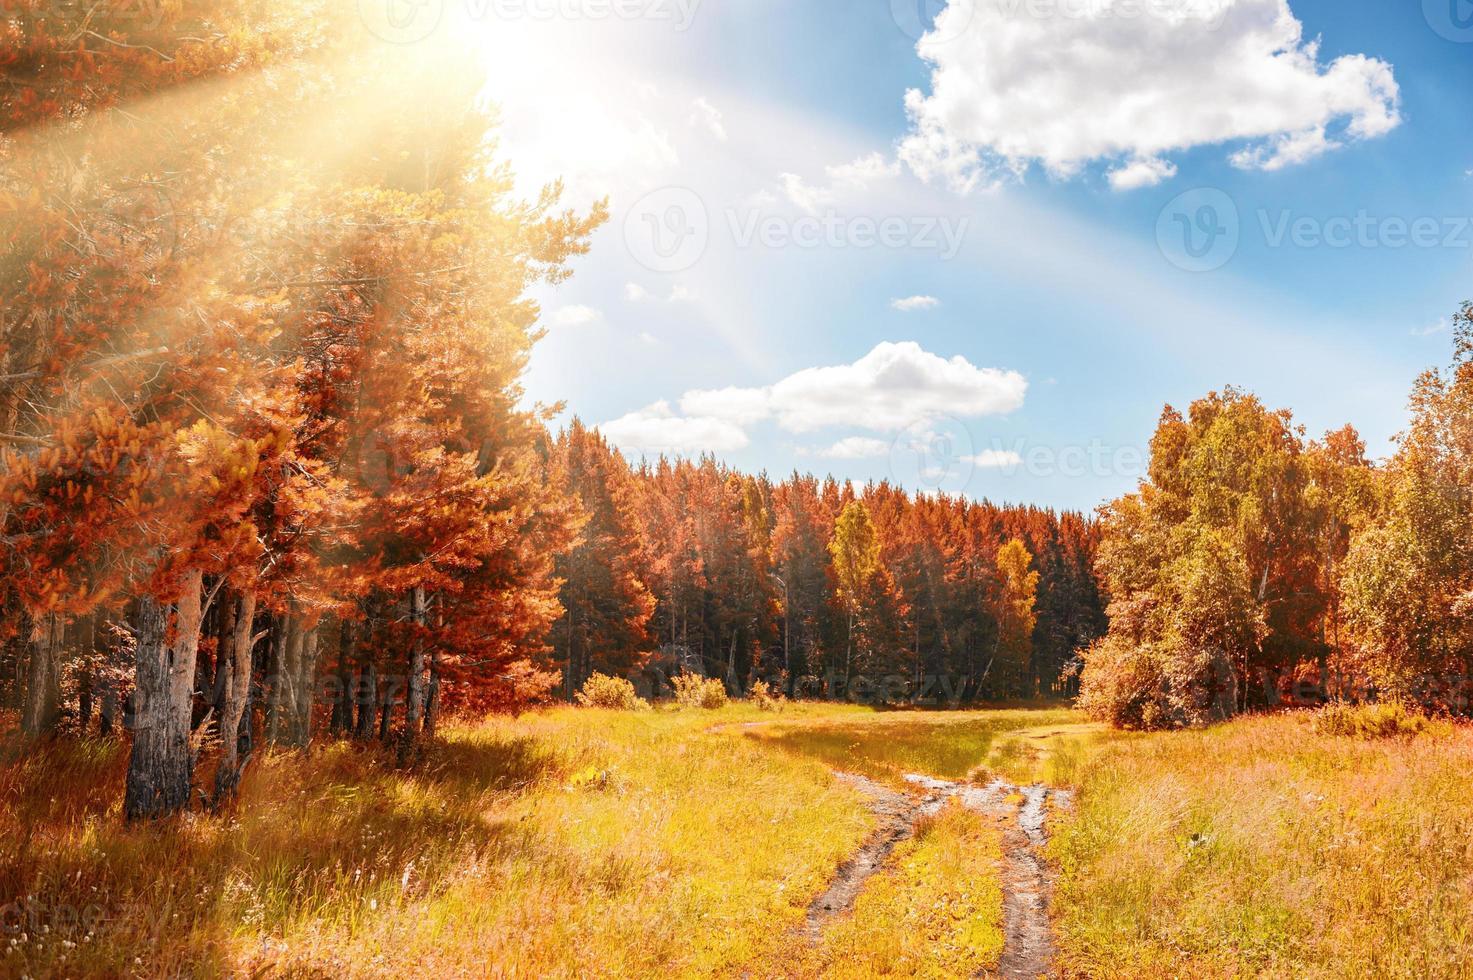 prachtige herfst bos op zonnige dag foto